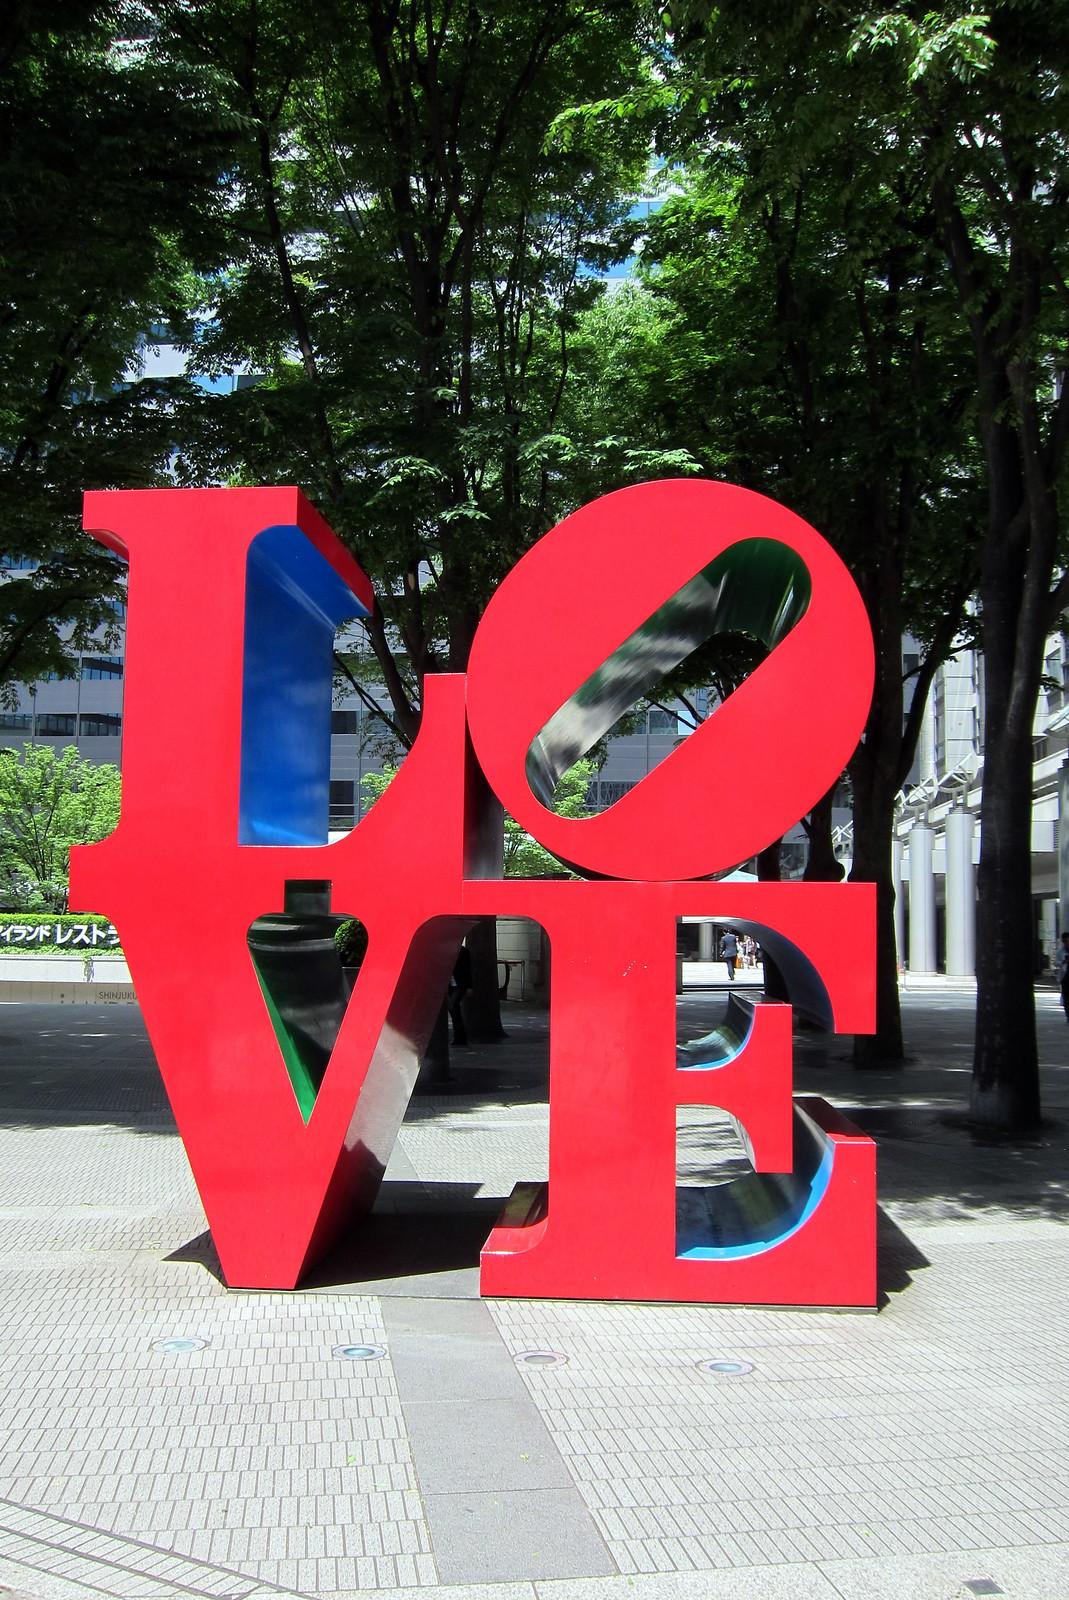 Tokyo - Nishi-Shinjuku: LOVE